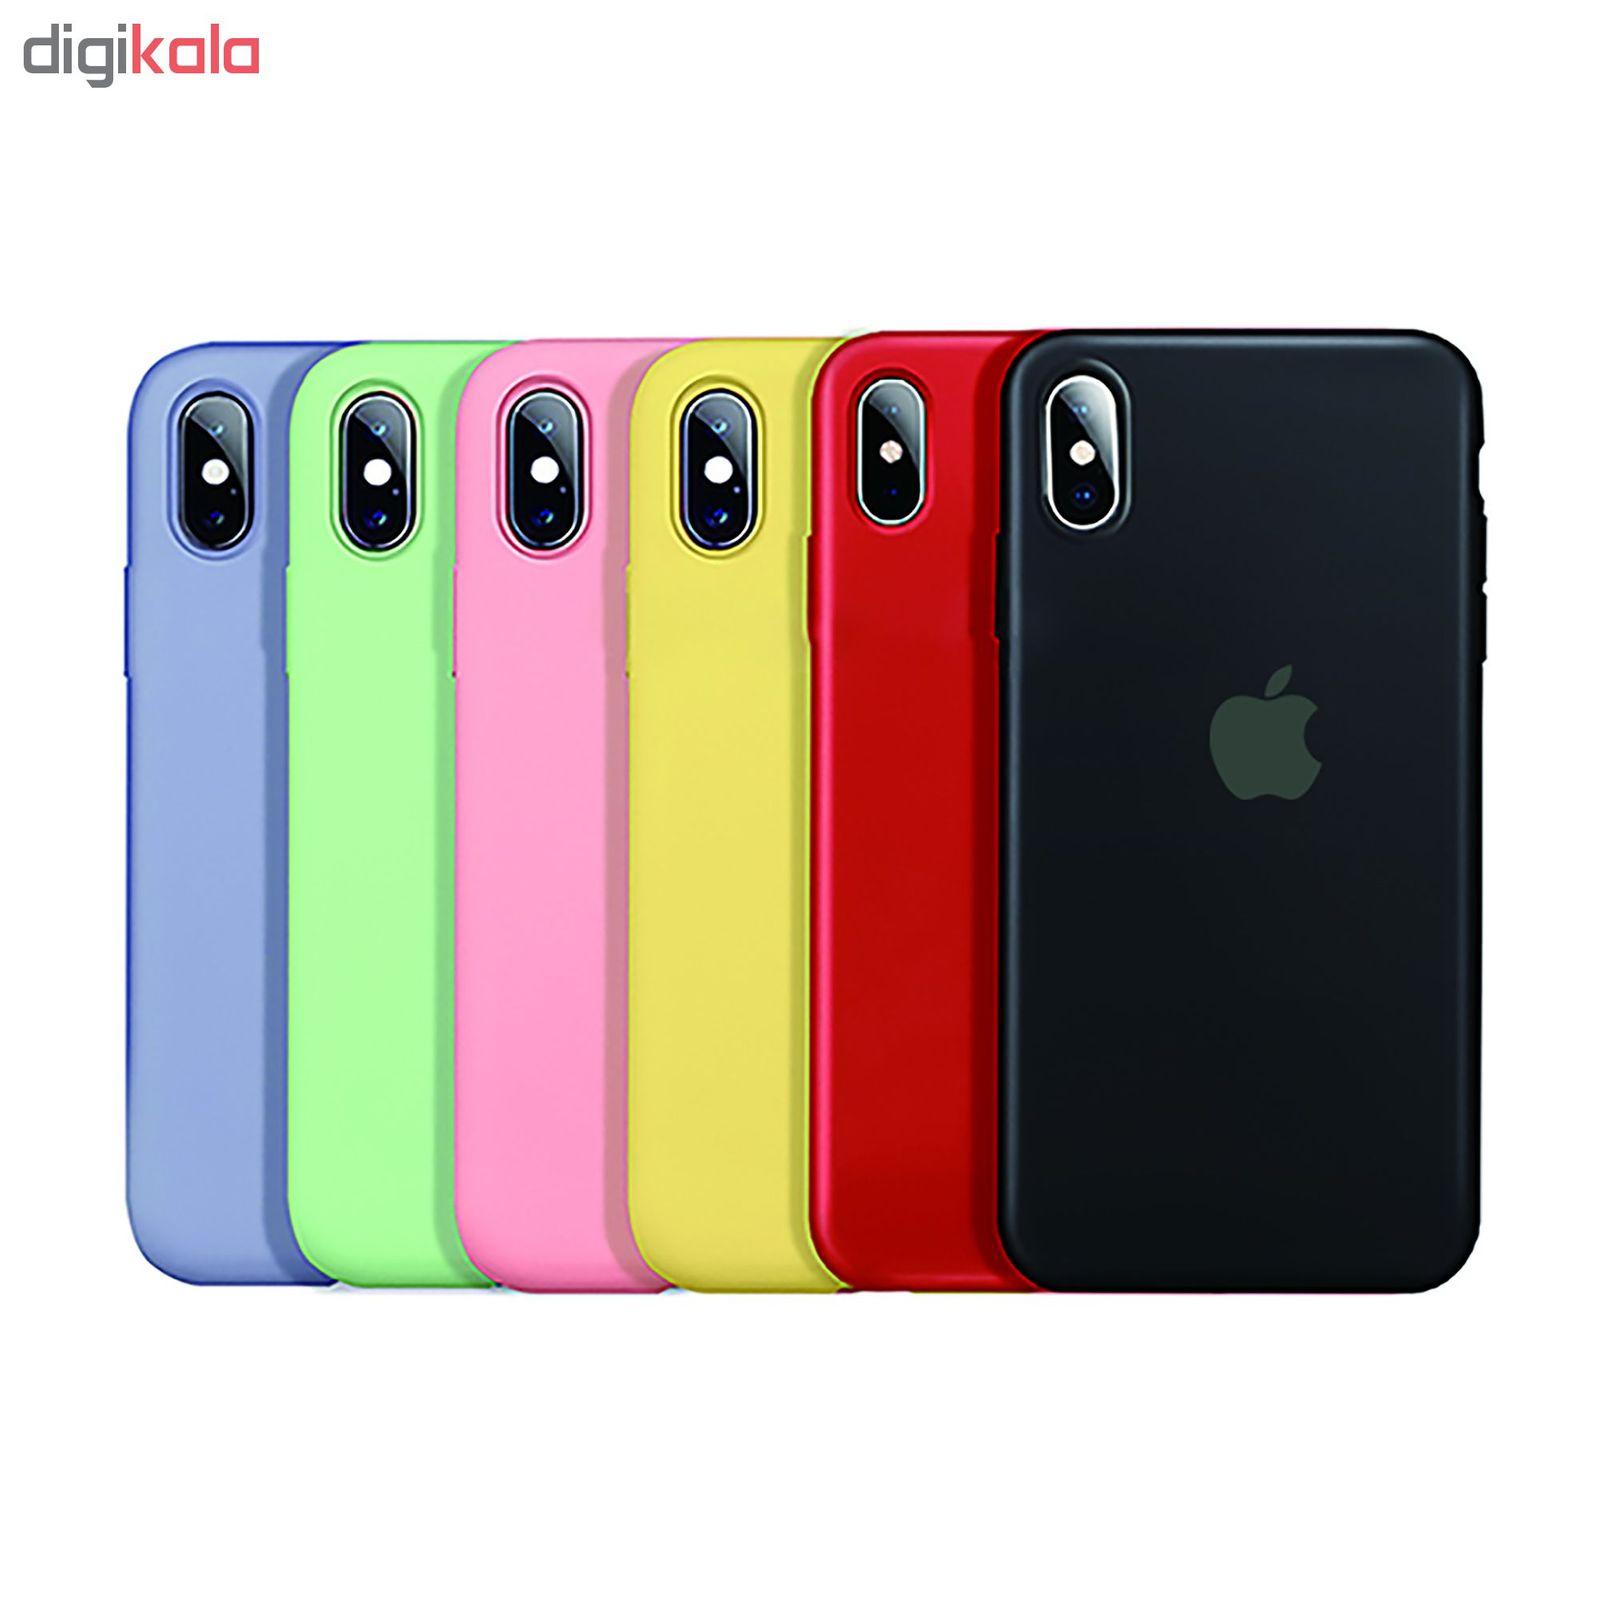 کاور  مدل Silc مناسب برای گوشی موبایل اپل Iphone Xs max main 1 27